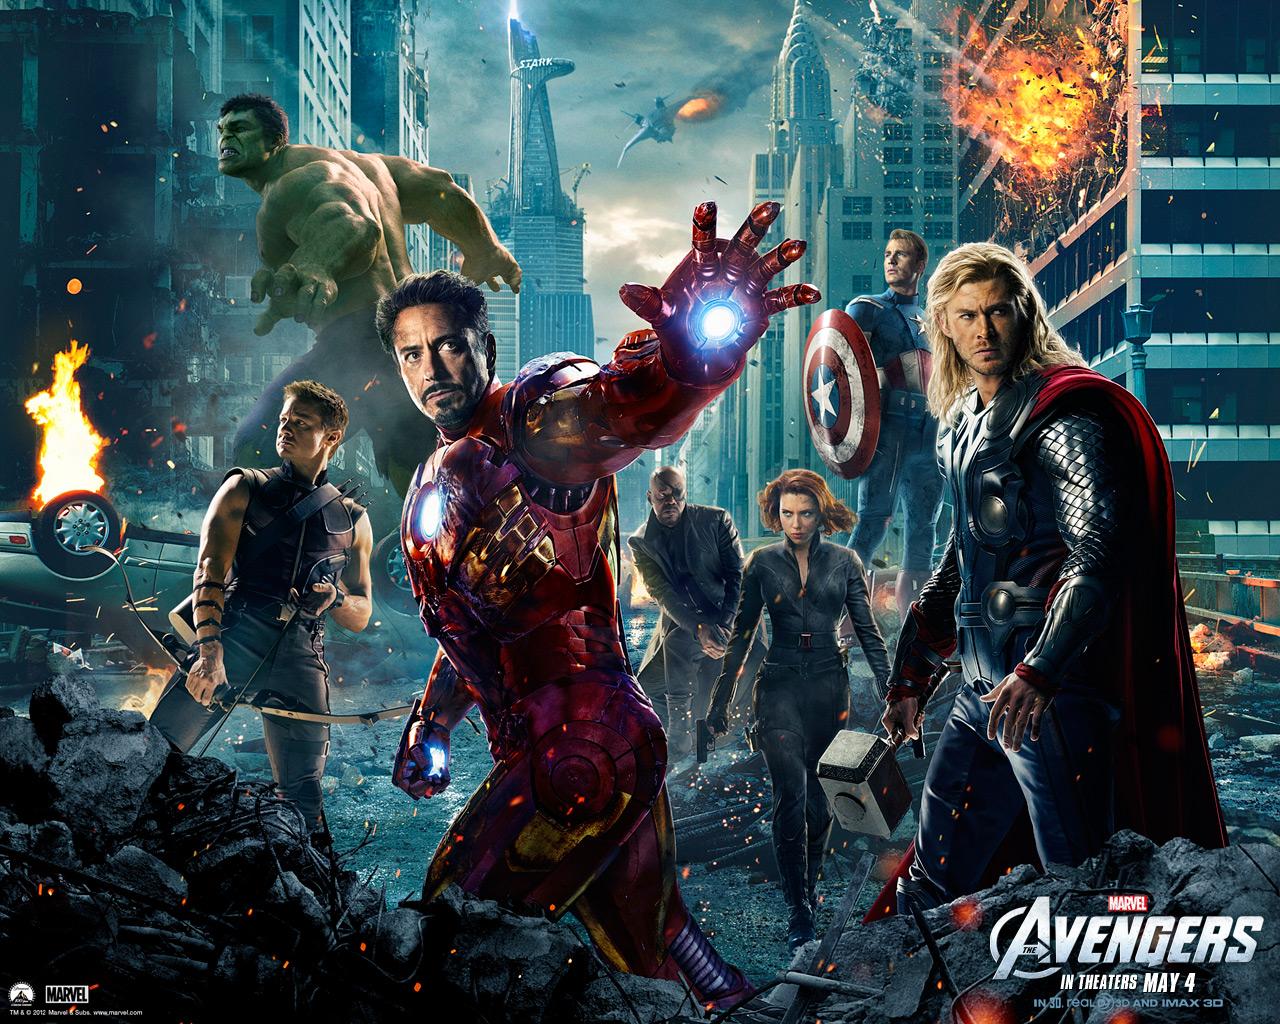 avengers_wp11_1280.jpg